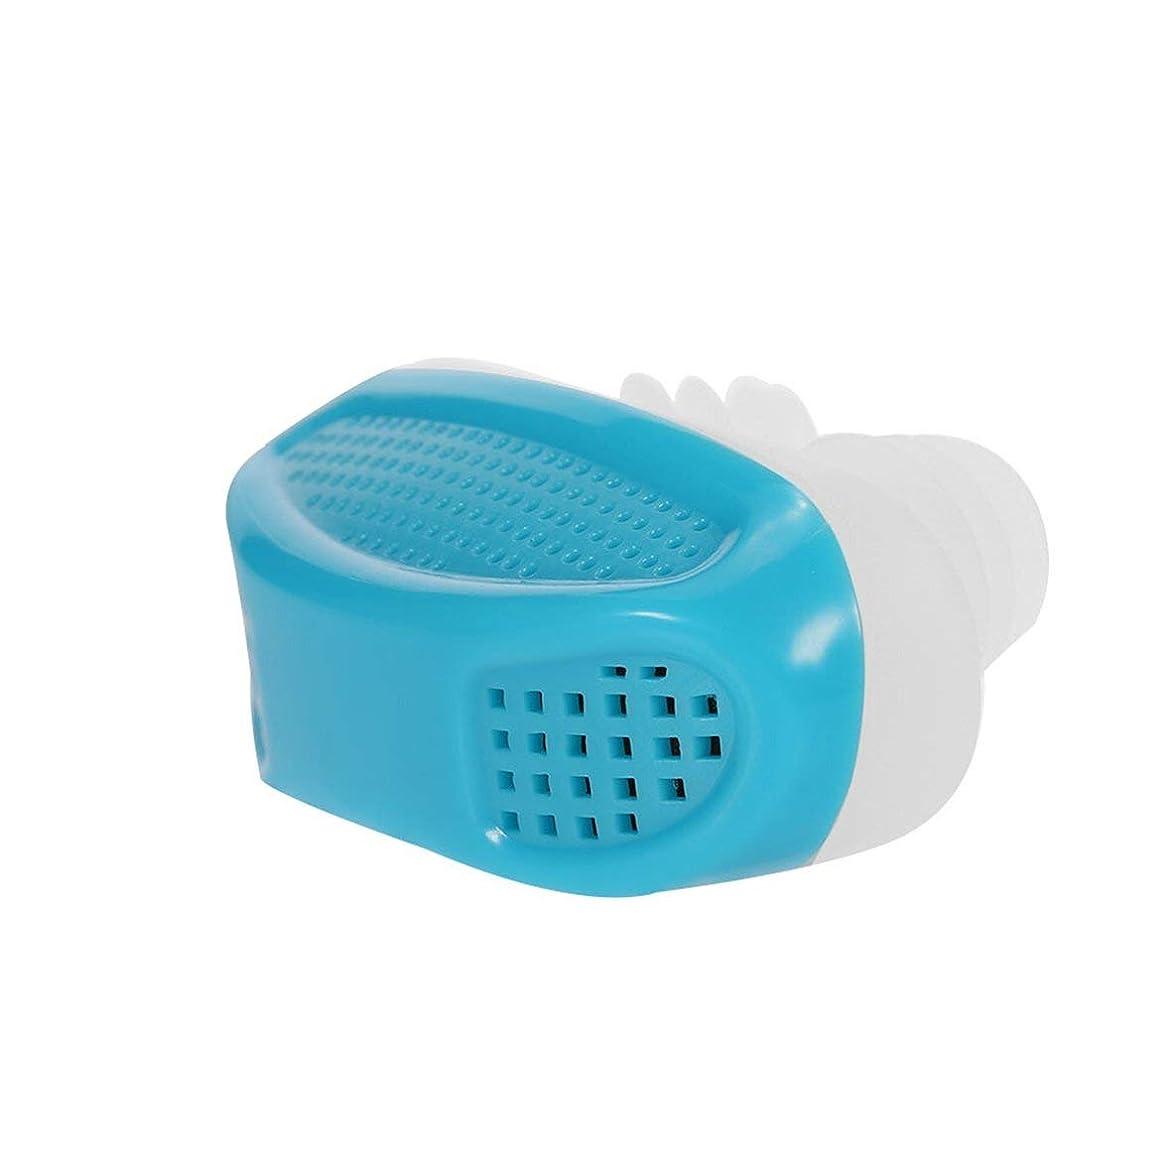 役に立つ文化オーブン1に付き2つの健康の抗いびき及び空気清浄器は鼻の混雑のいびき装置の換気の抗いびきの鼻クリップ - 青を和らげます